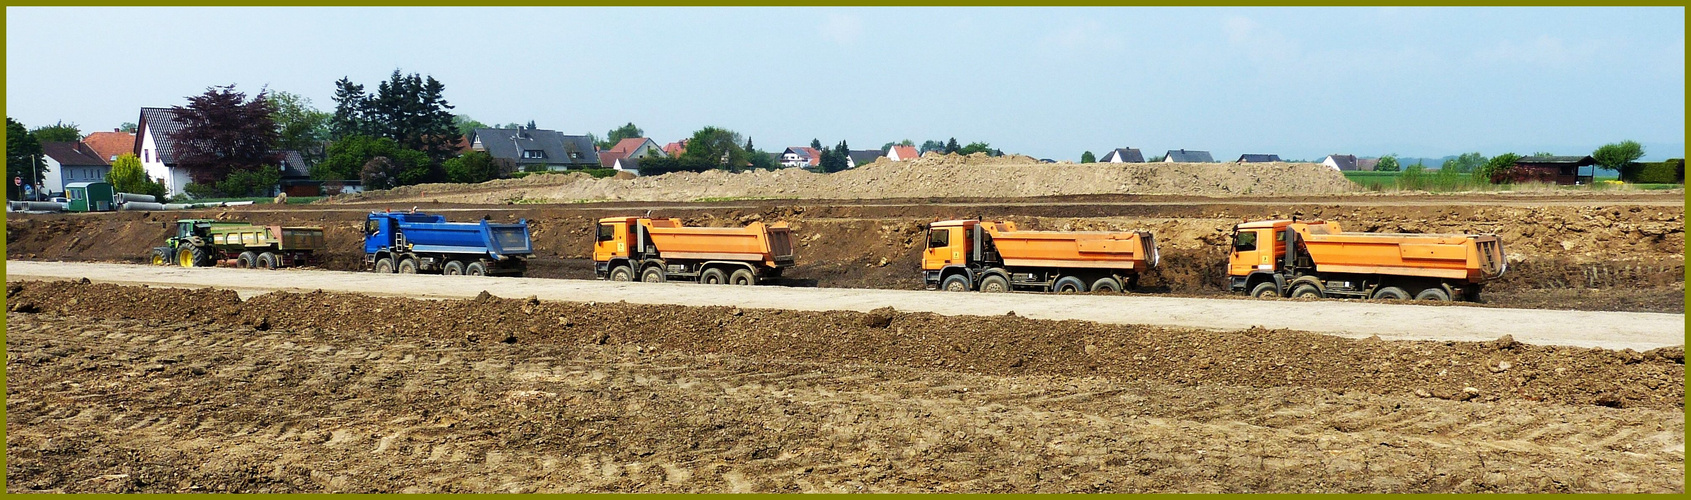 Bodentransporte für die Nordumgehung A 30 Bad Oeynhausen